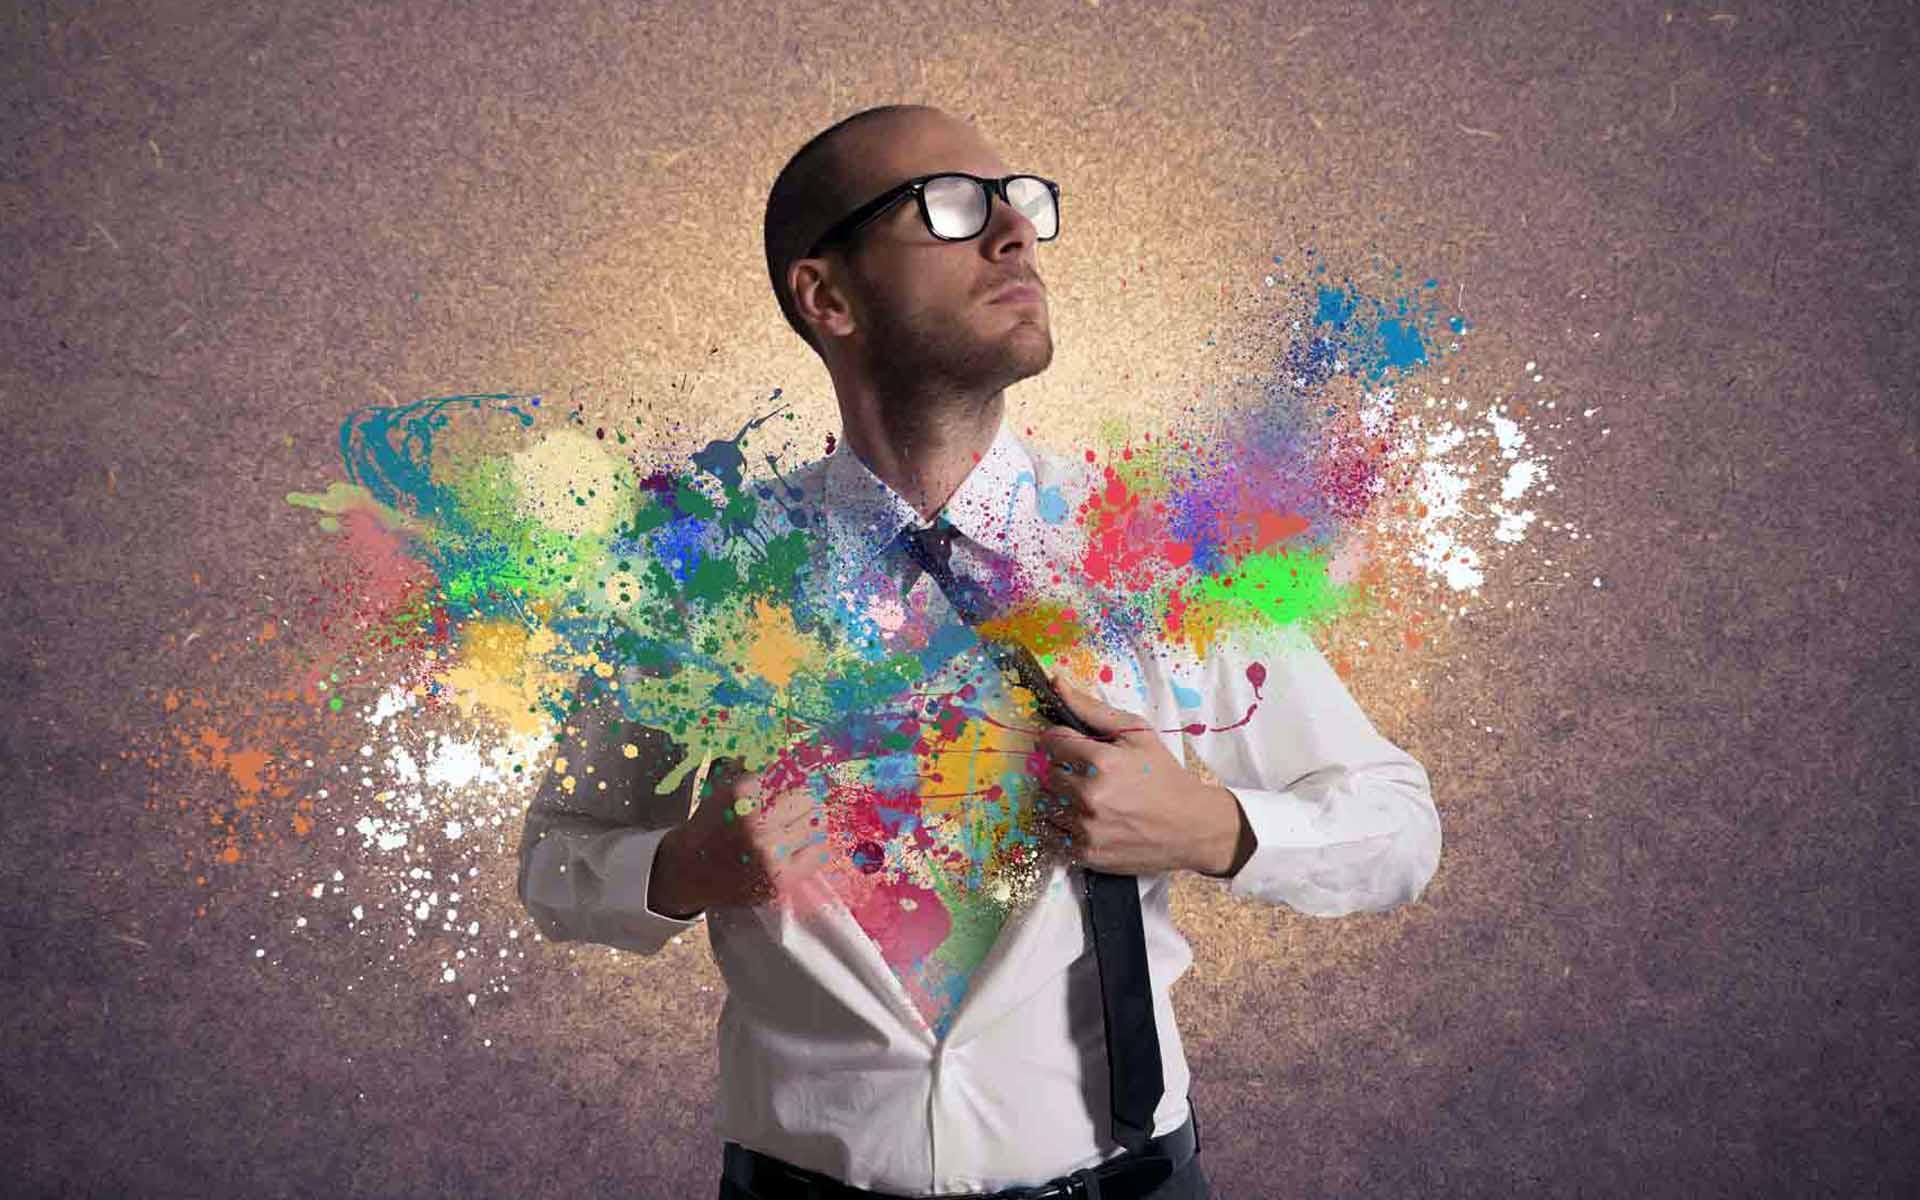 100 причин стать предпринимателем: почему людям нравится заниматься своим делом